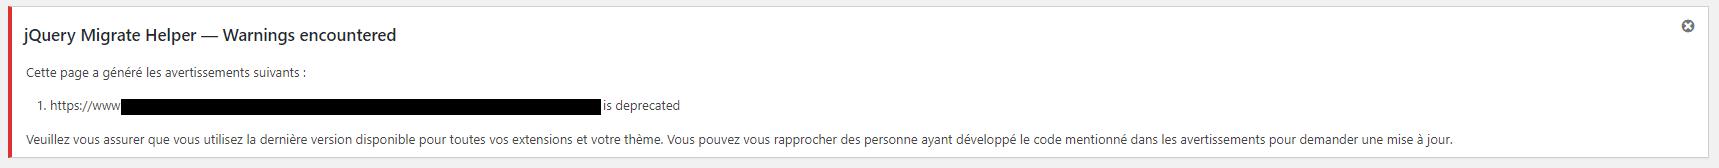 Exemple d'une notification affichée par l'extension Enable jQuery Migrate Helper.